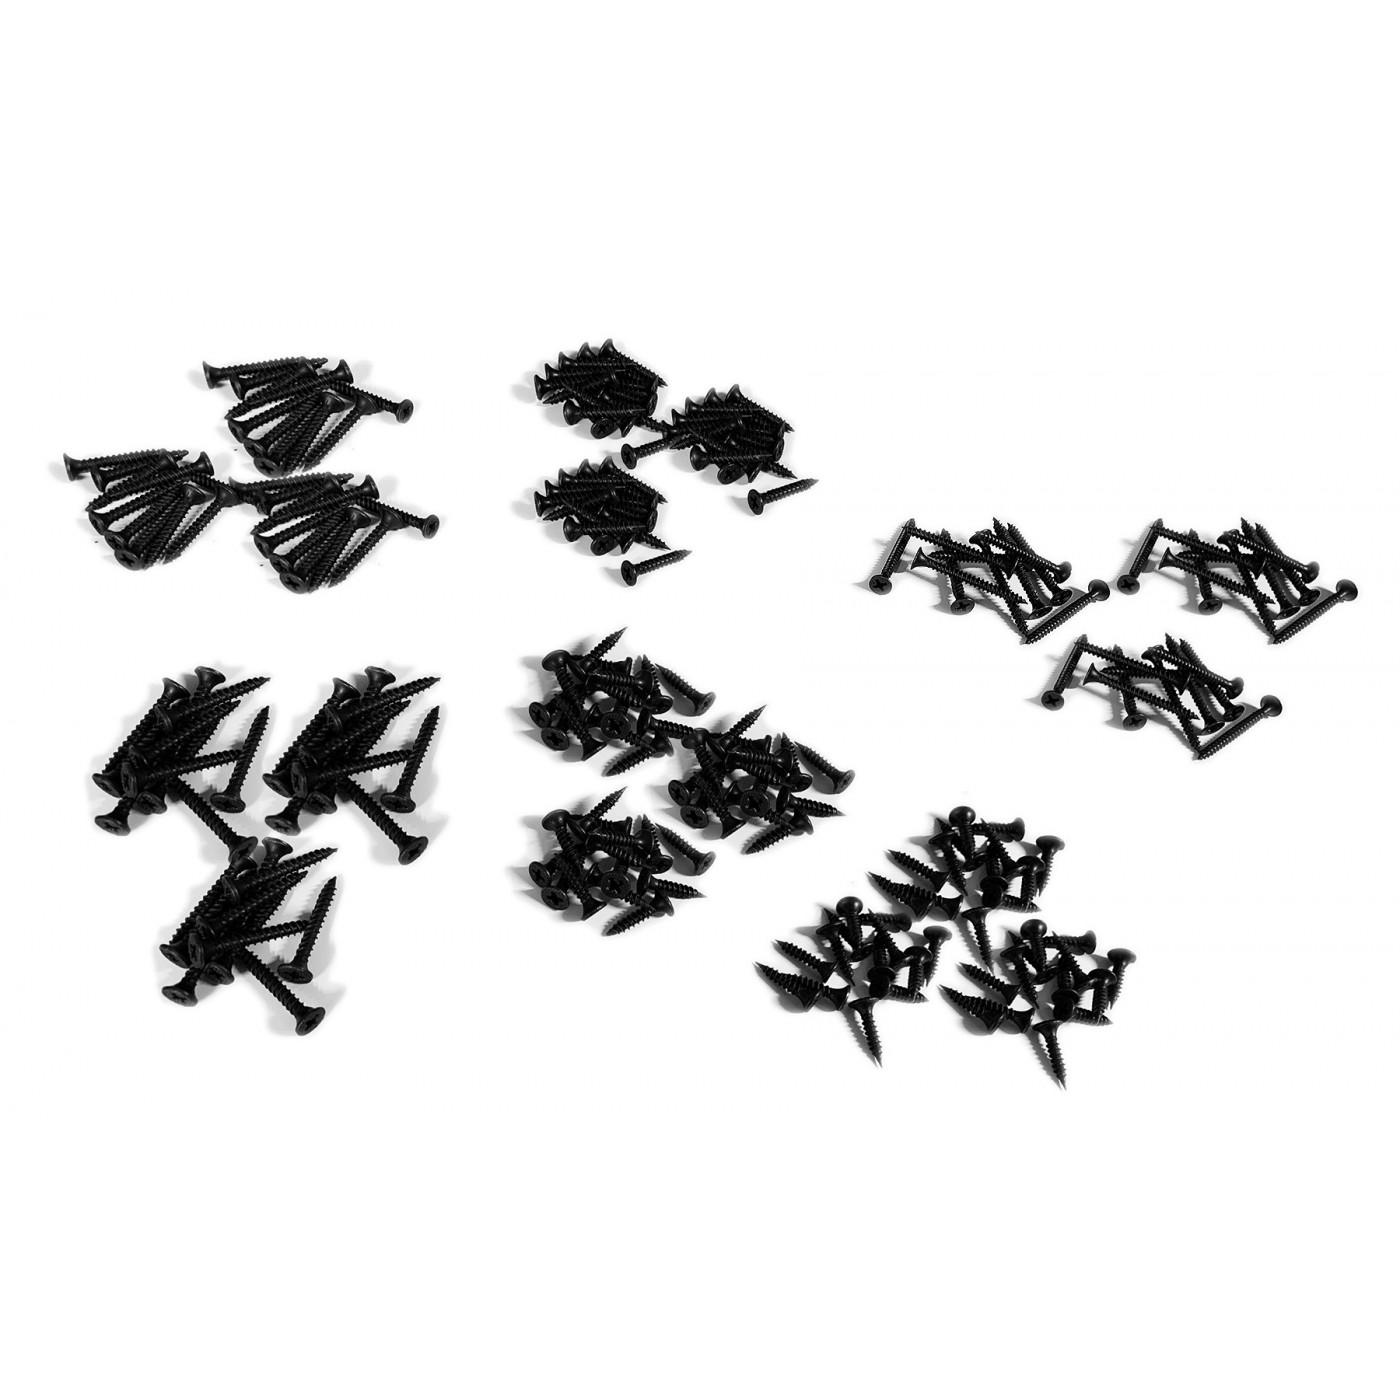 Set von 210 schwarzen Schrauben (für Holz, Gipskartonplatten